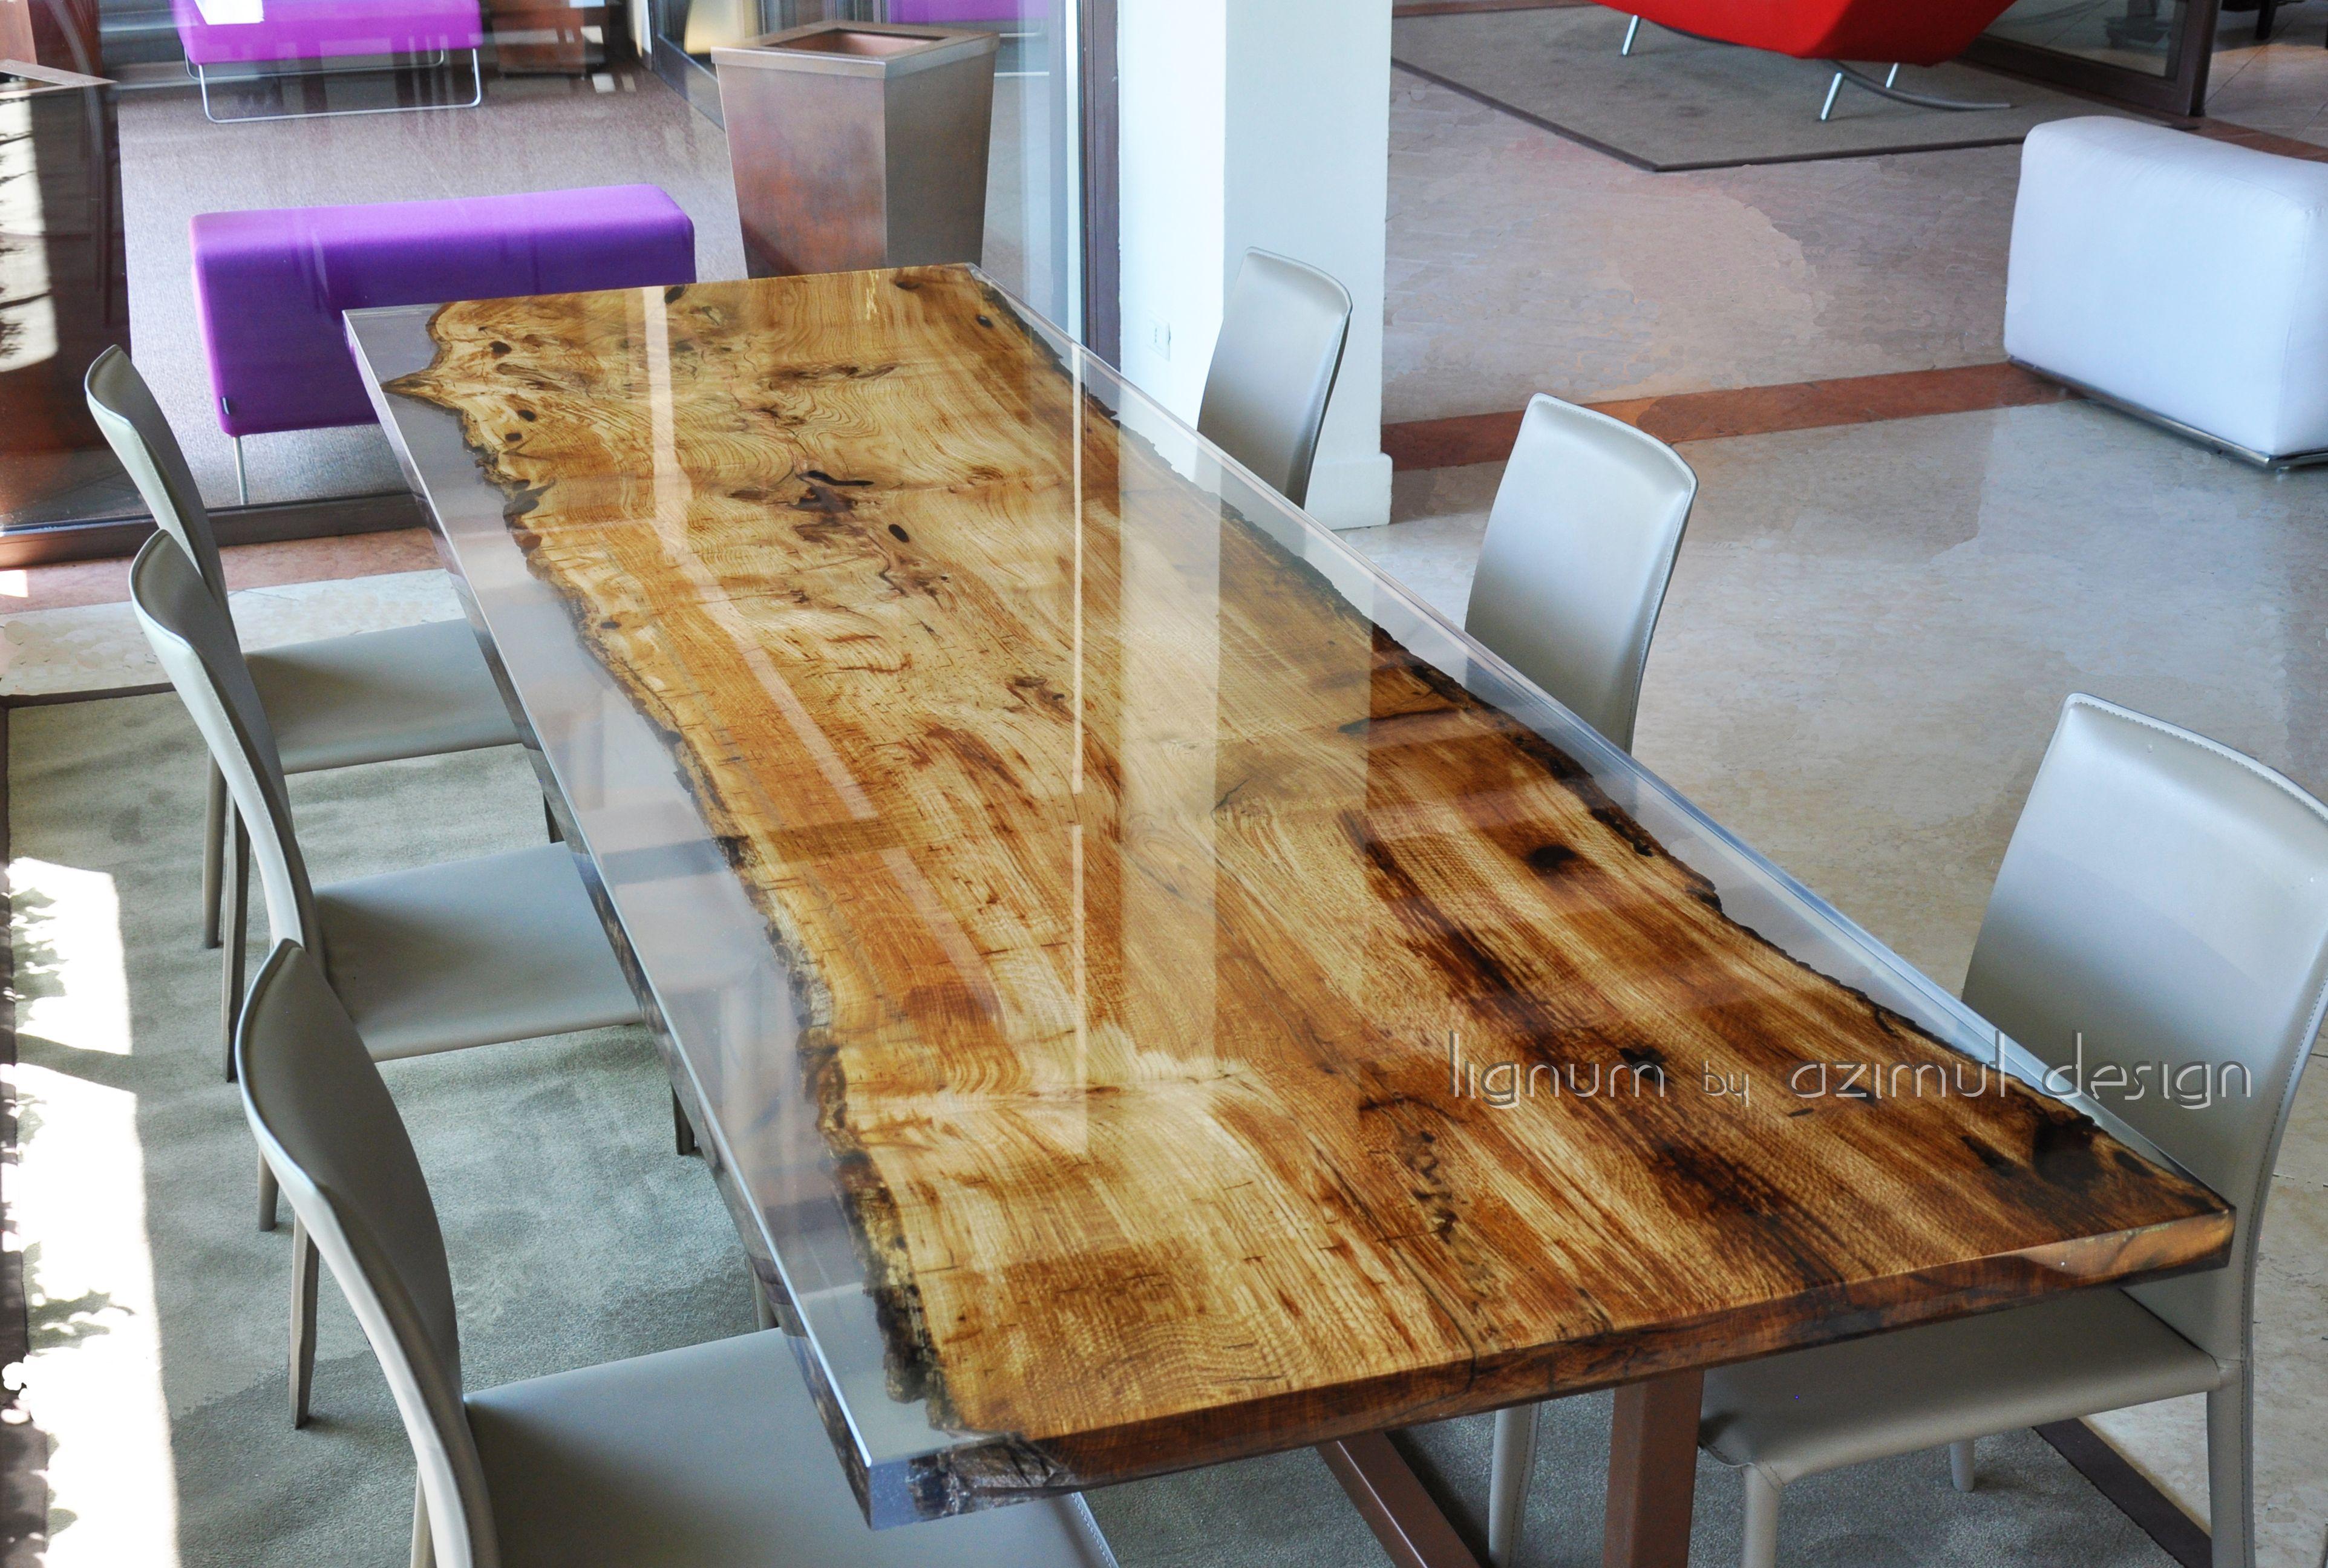 Mobili In Legno Massiccio Trentino design elements for interiors: custom solutions | tavolo in